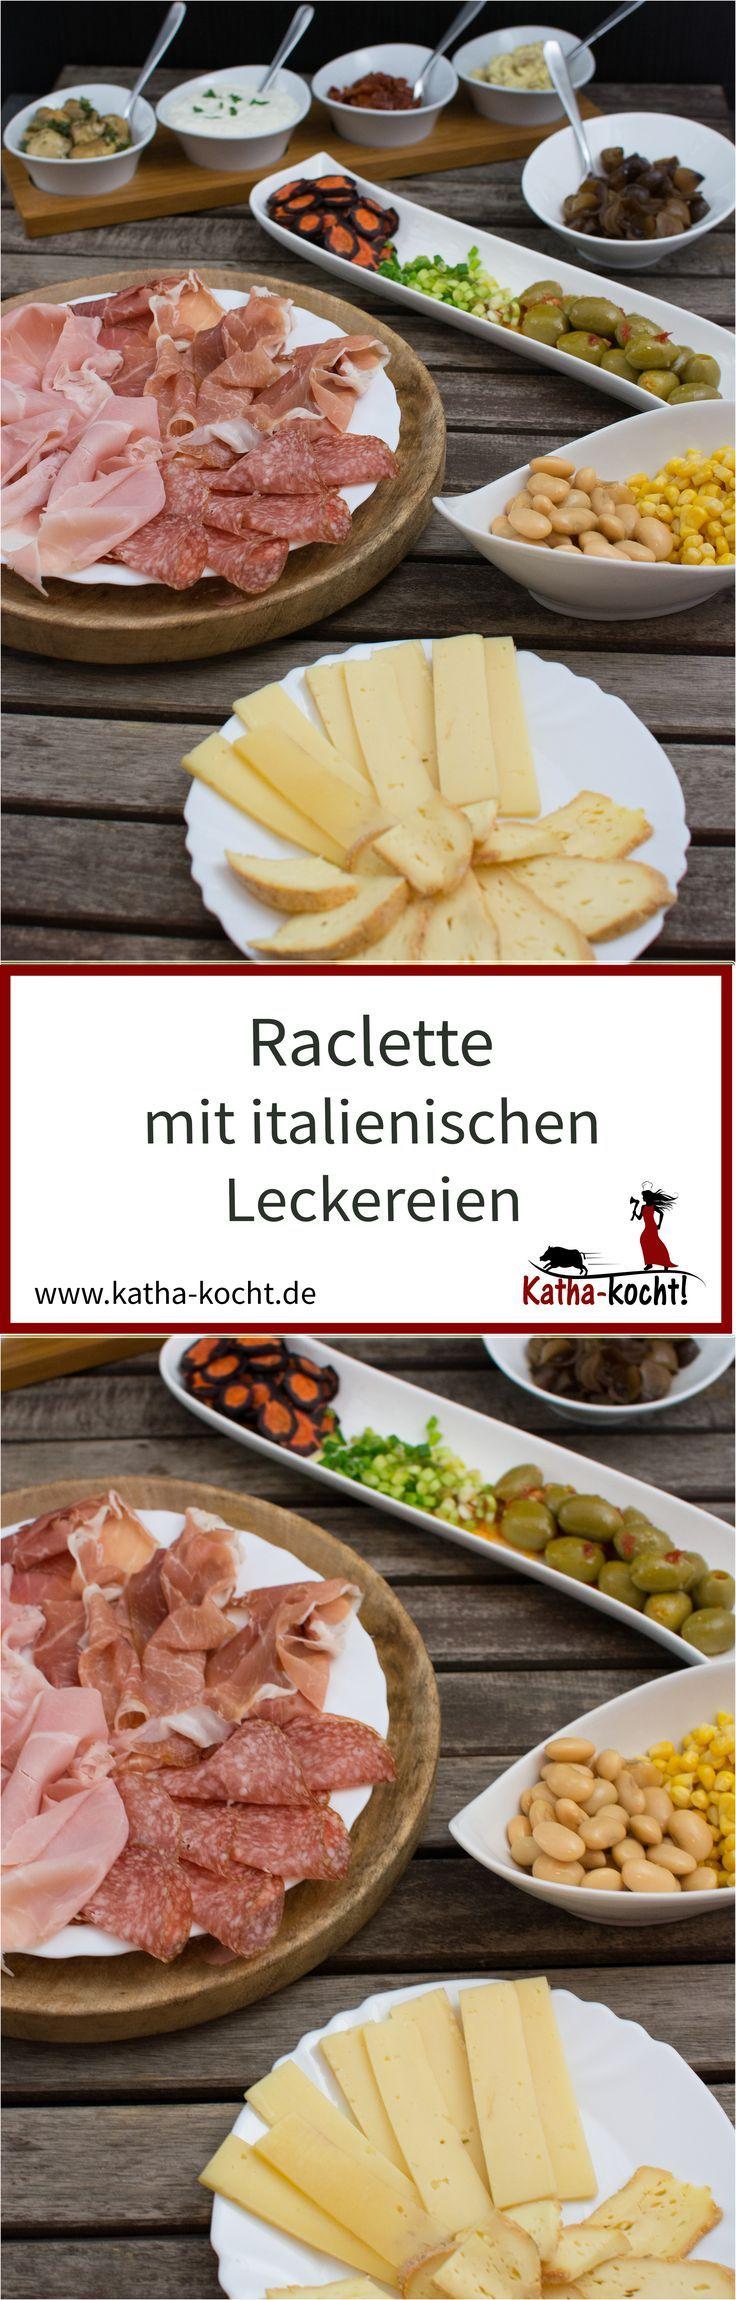 Italienisches Raclette - Katha-kocht! #racletteideen